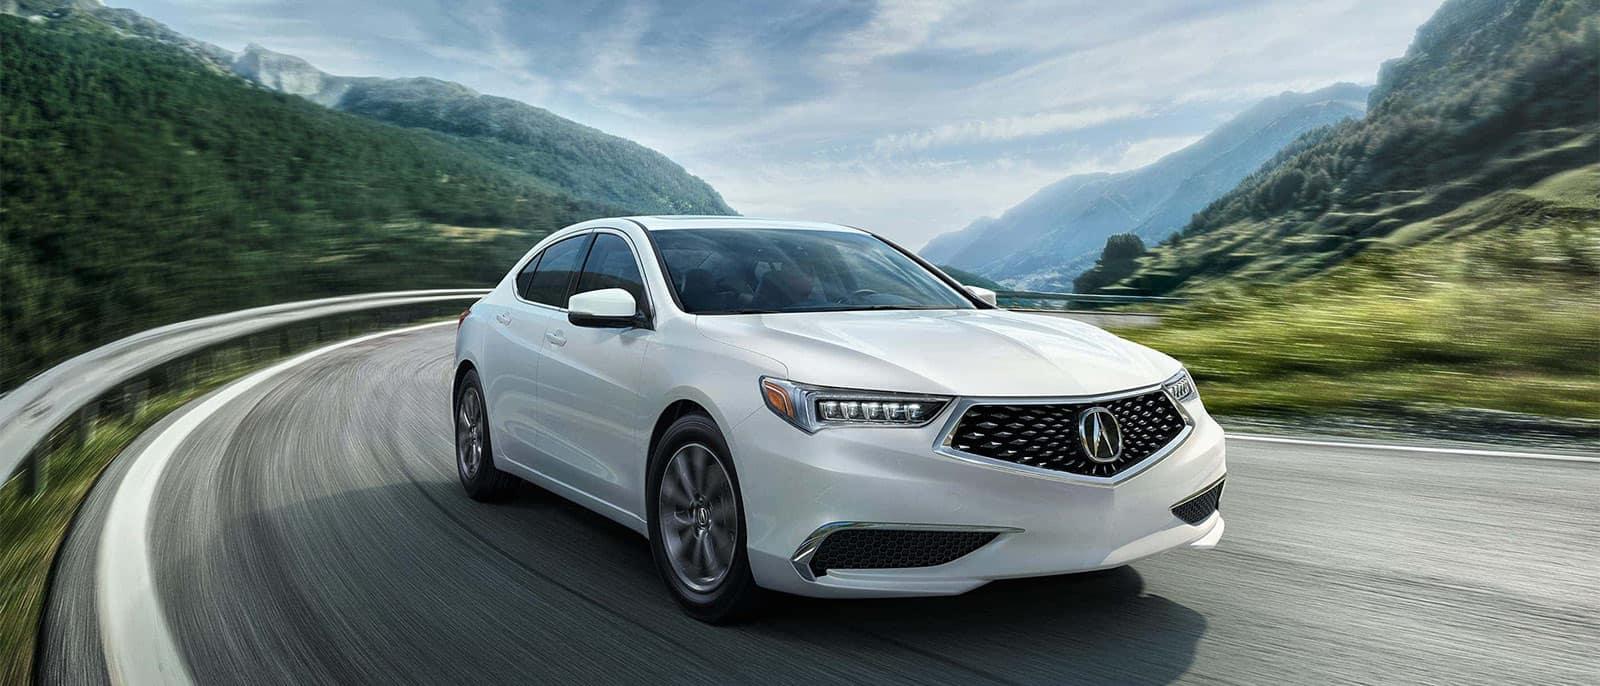 2018 Acura TLX Curve